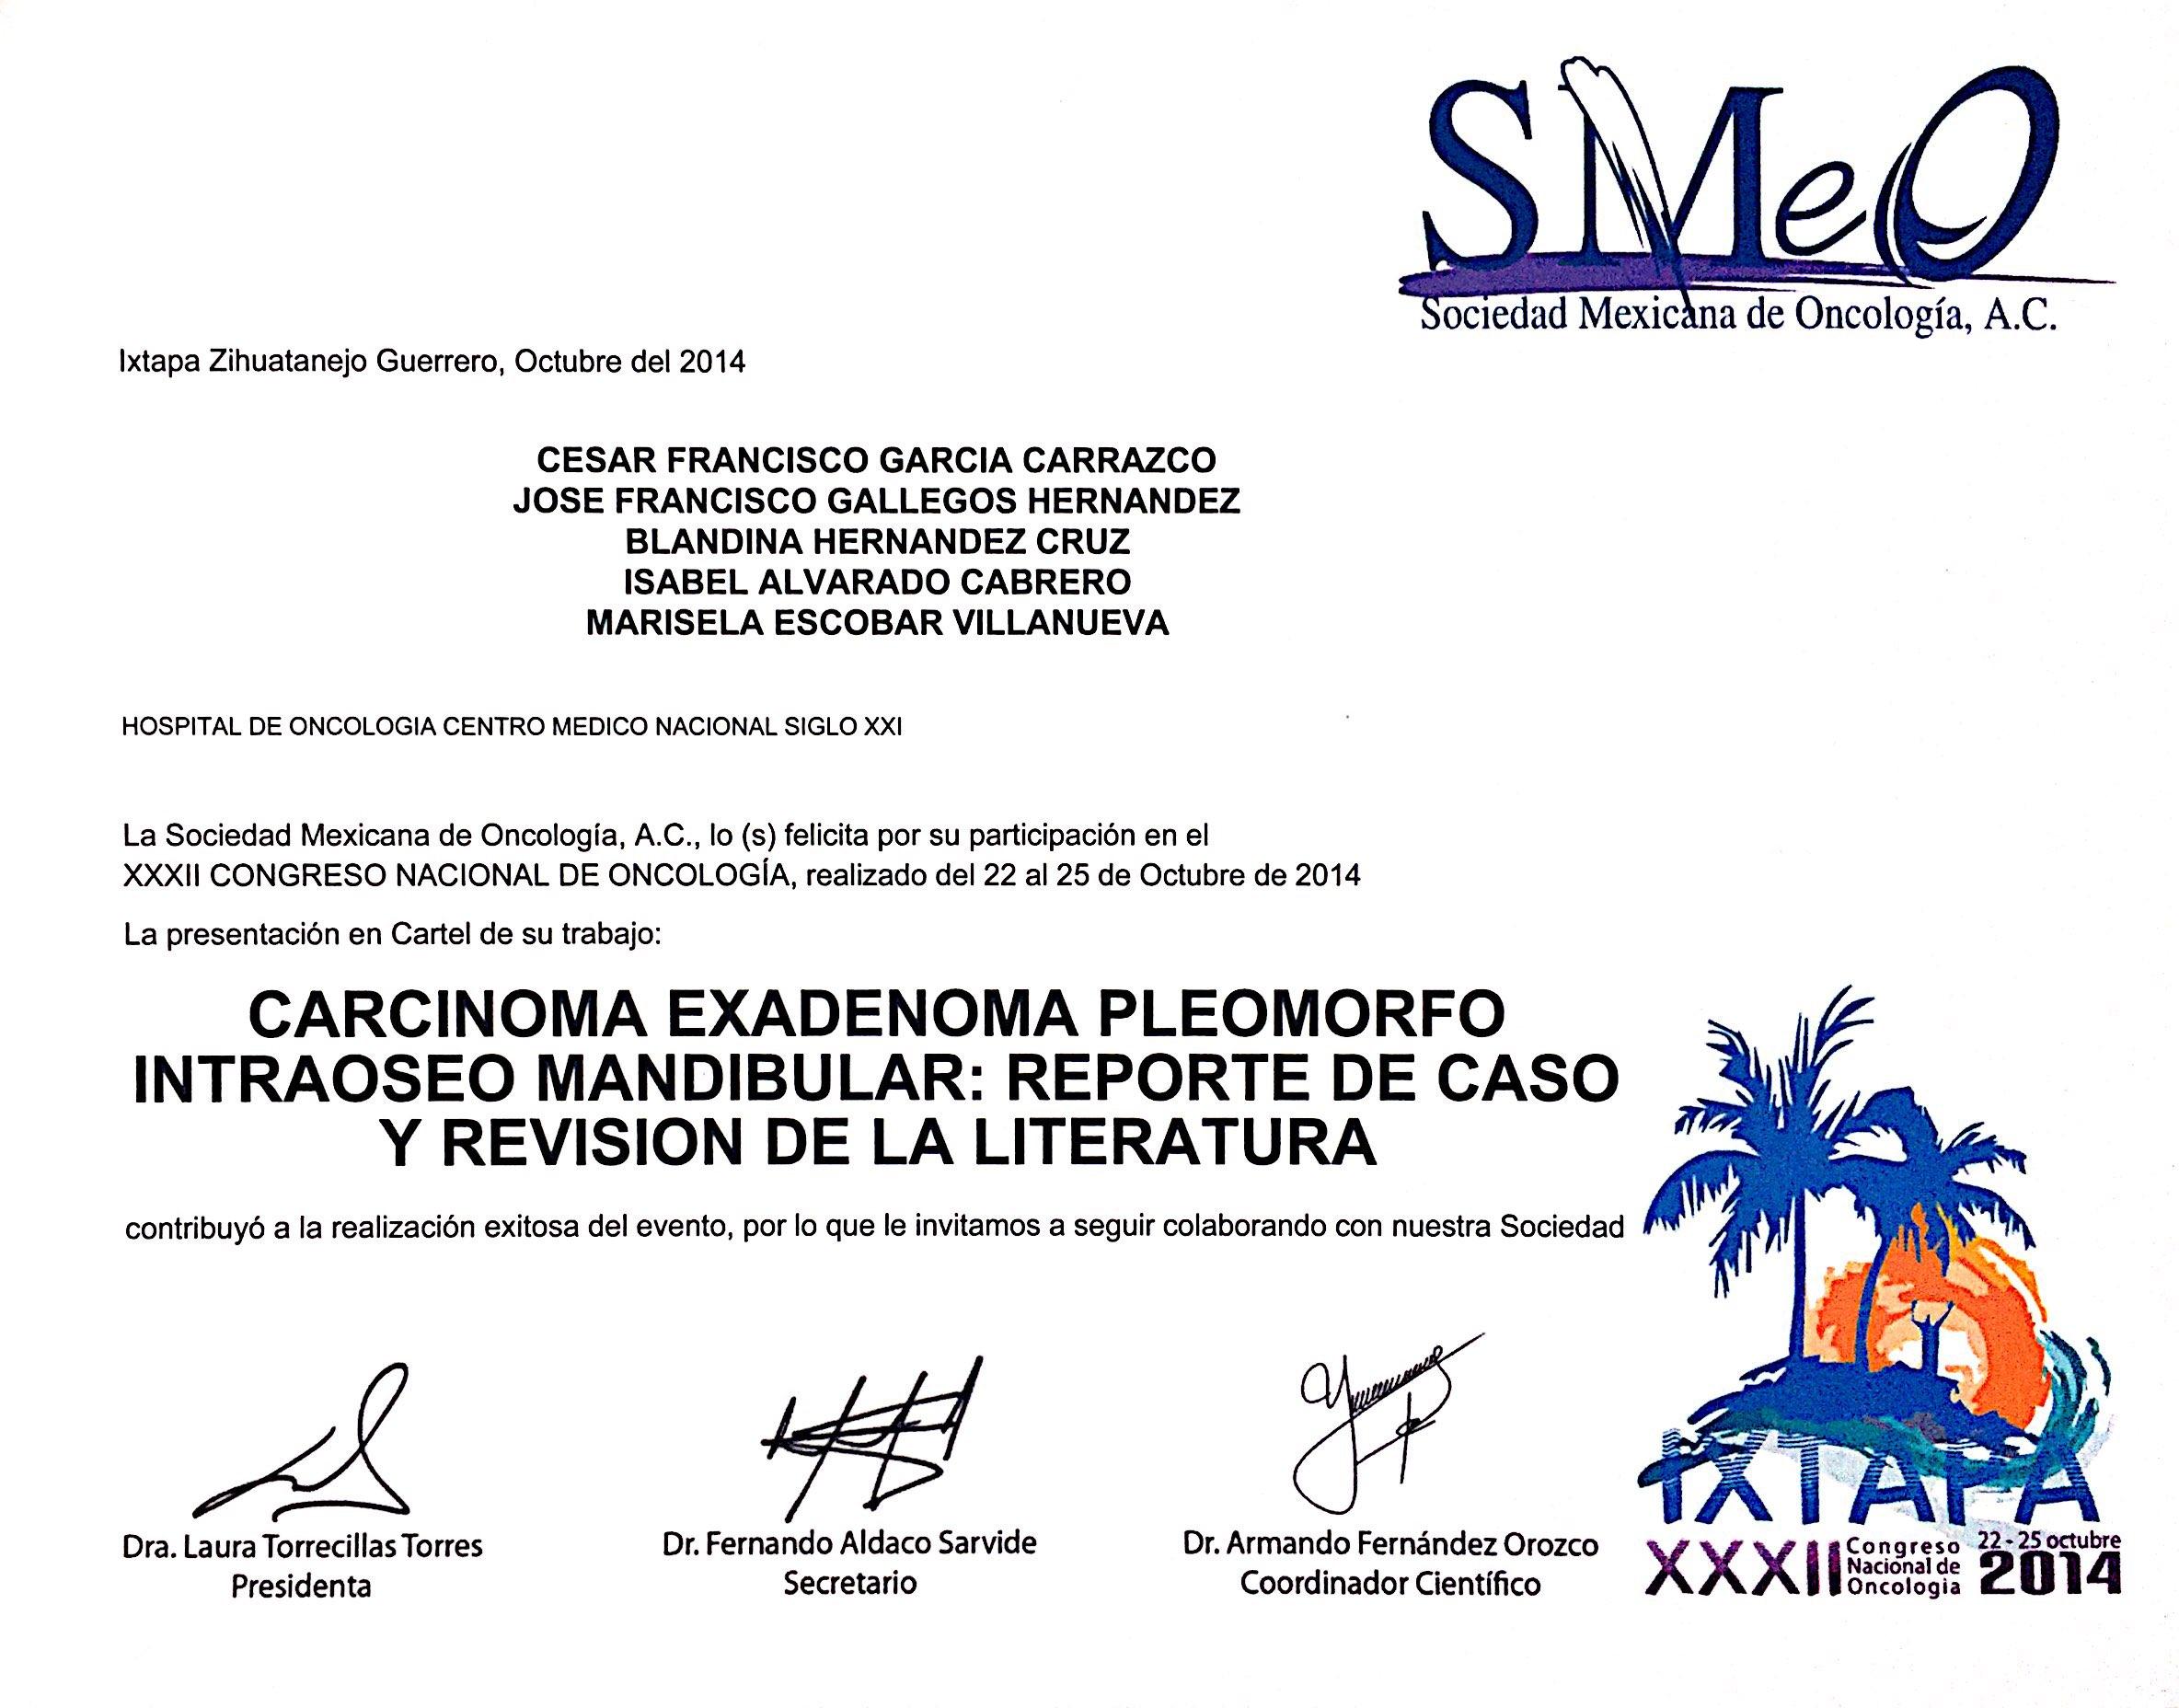 Dr. Garcia Carrazco_75